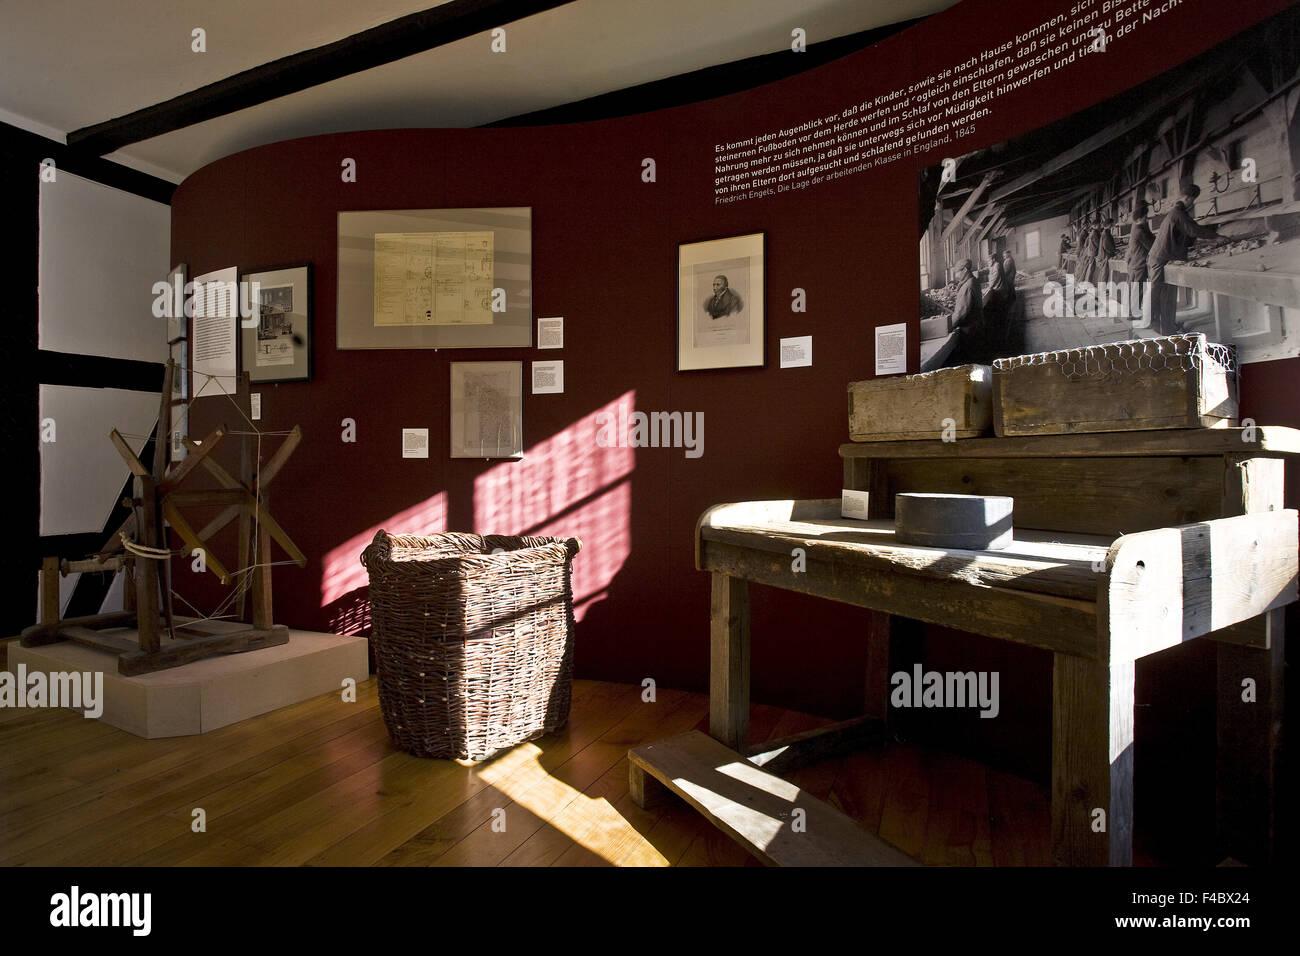 Open Air Museum, Hagen, Germany - Stock Image